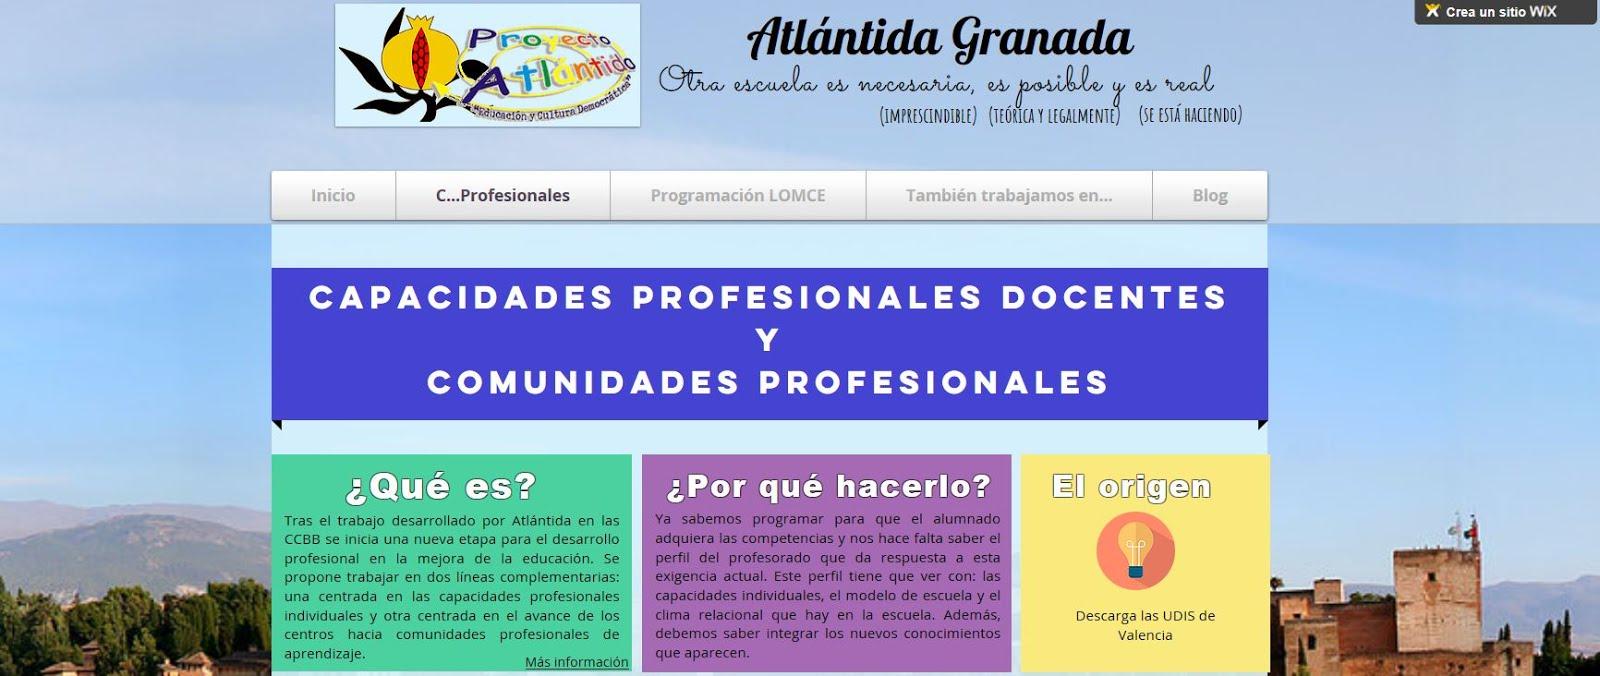 Capacidad Profesional Docente-Granada